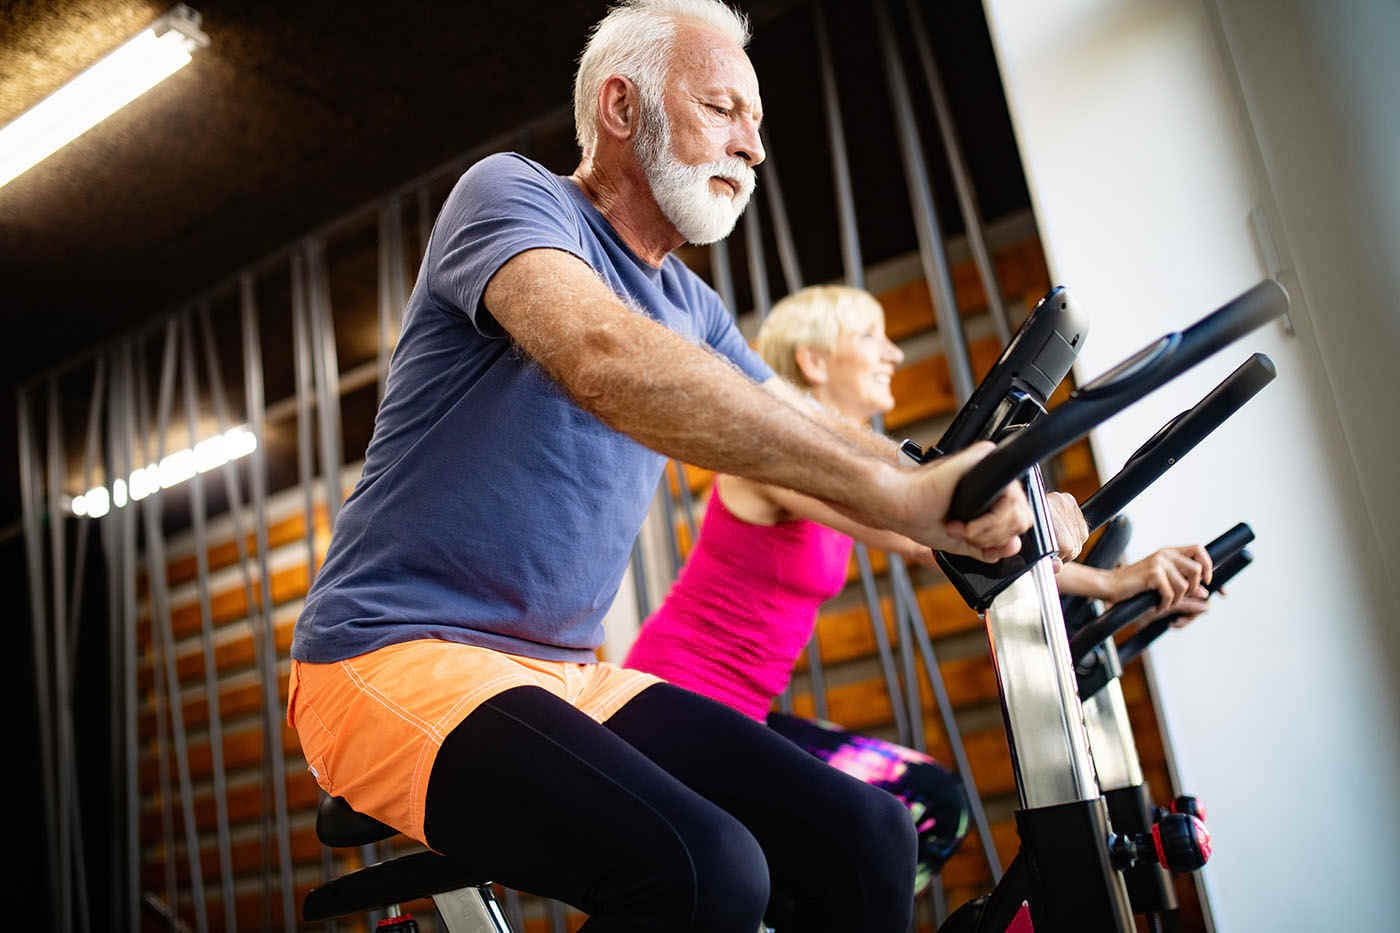 Exercițiile aerobice ar putea reduce declinul cognitiv la bolnavii de Alzheimer [studiu]